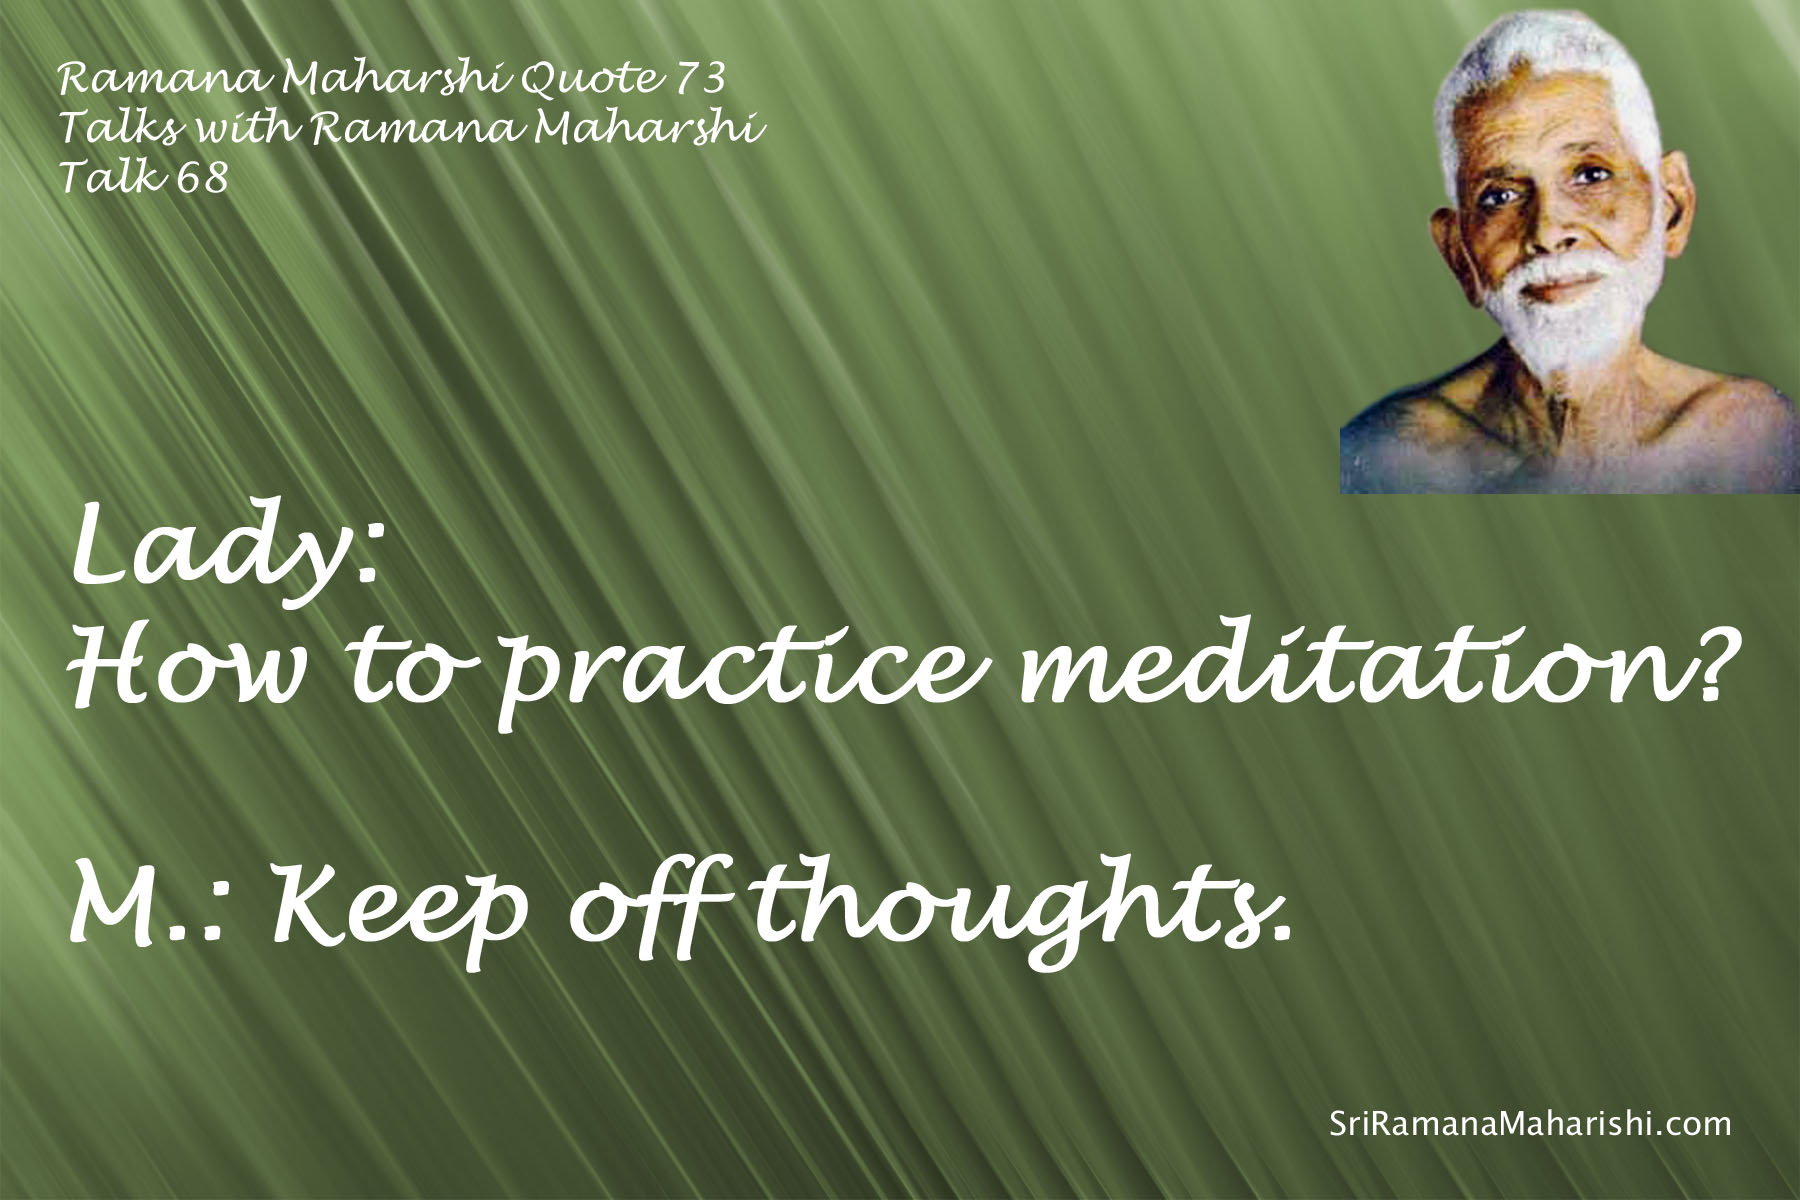 Ramana Maharshi Quote 73